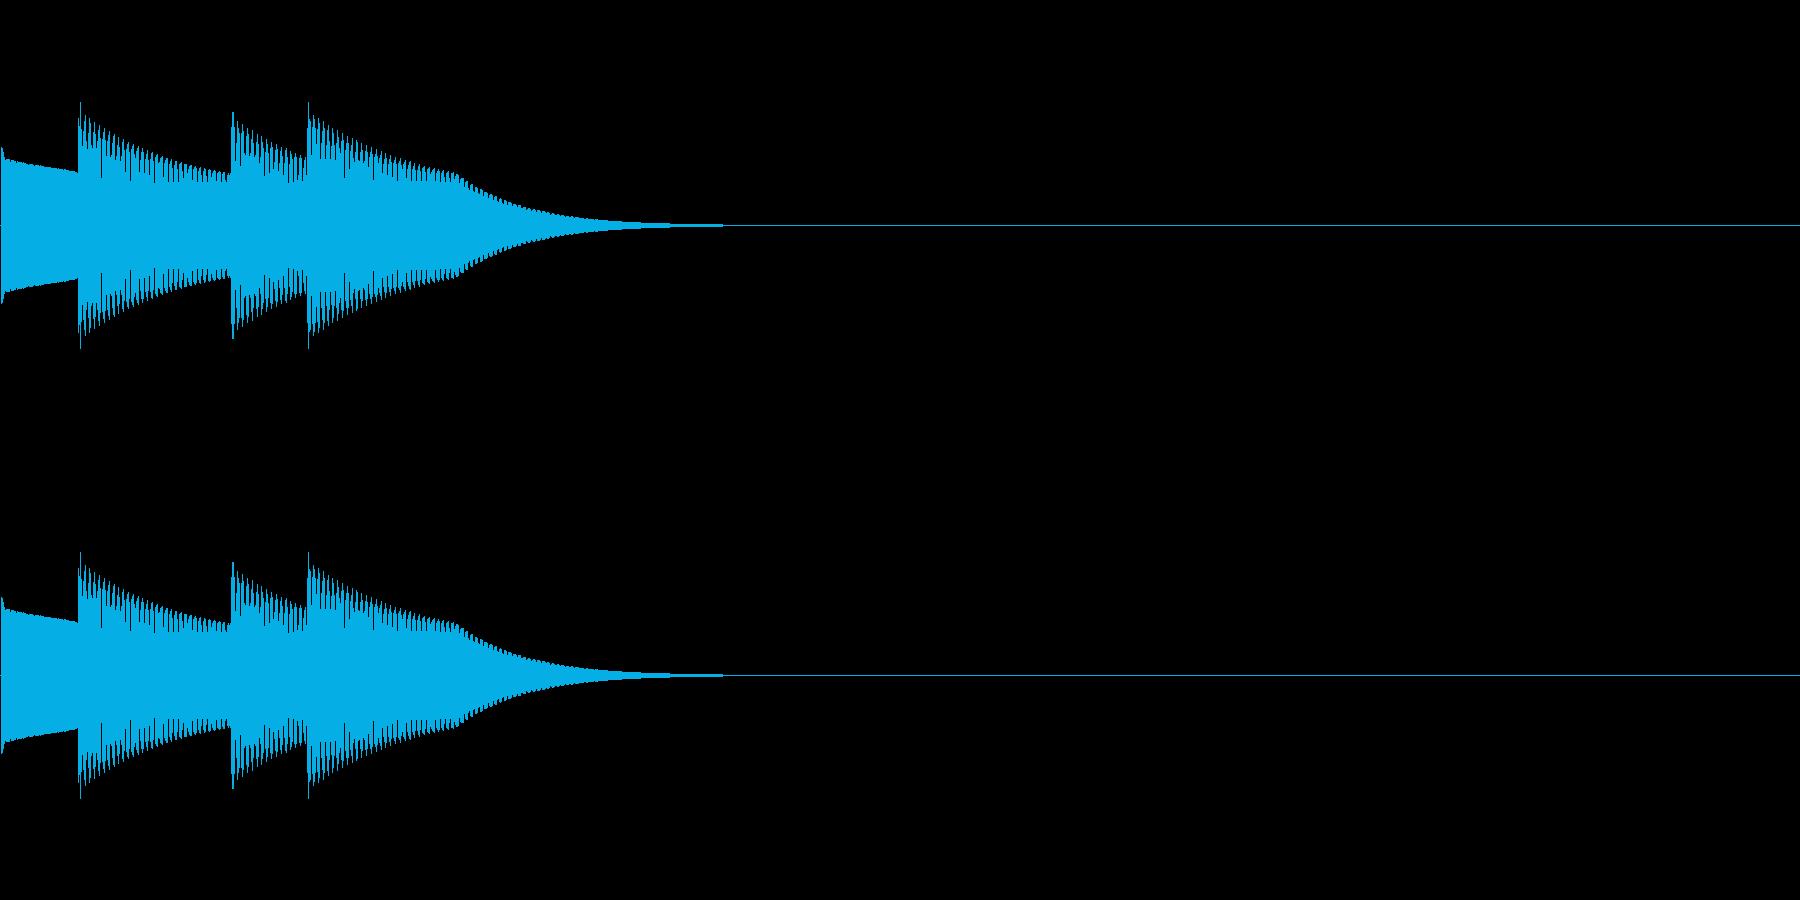 クイズの正解音01(ピンポンピンポン)の再生済みの波形